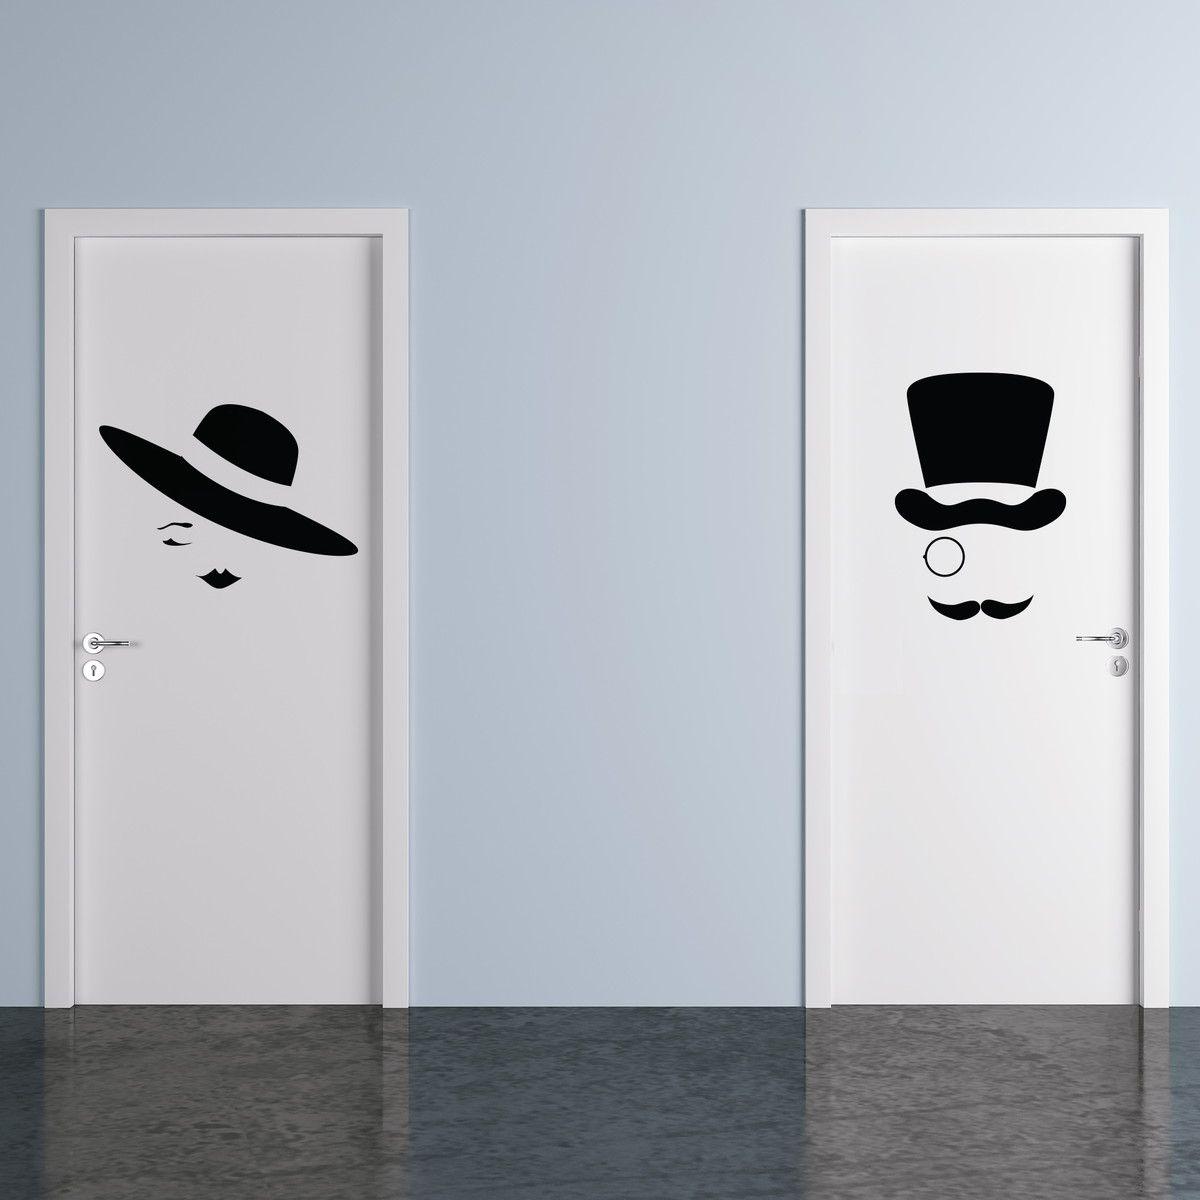 Adesivo Identificação Banheiro Abstrato 2 Peças 40x60cm